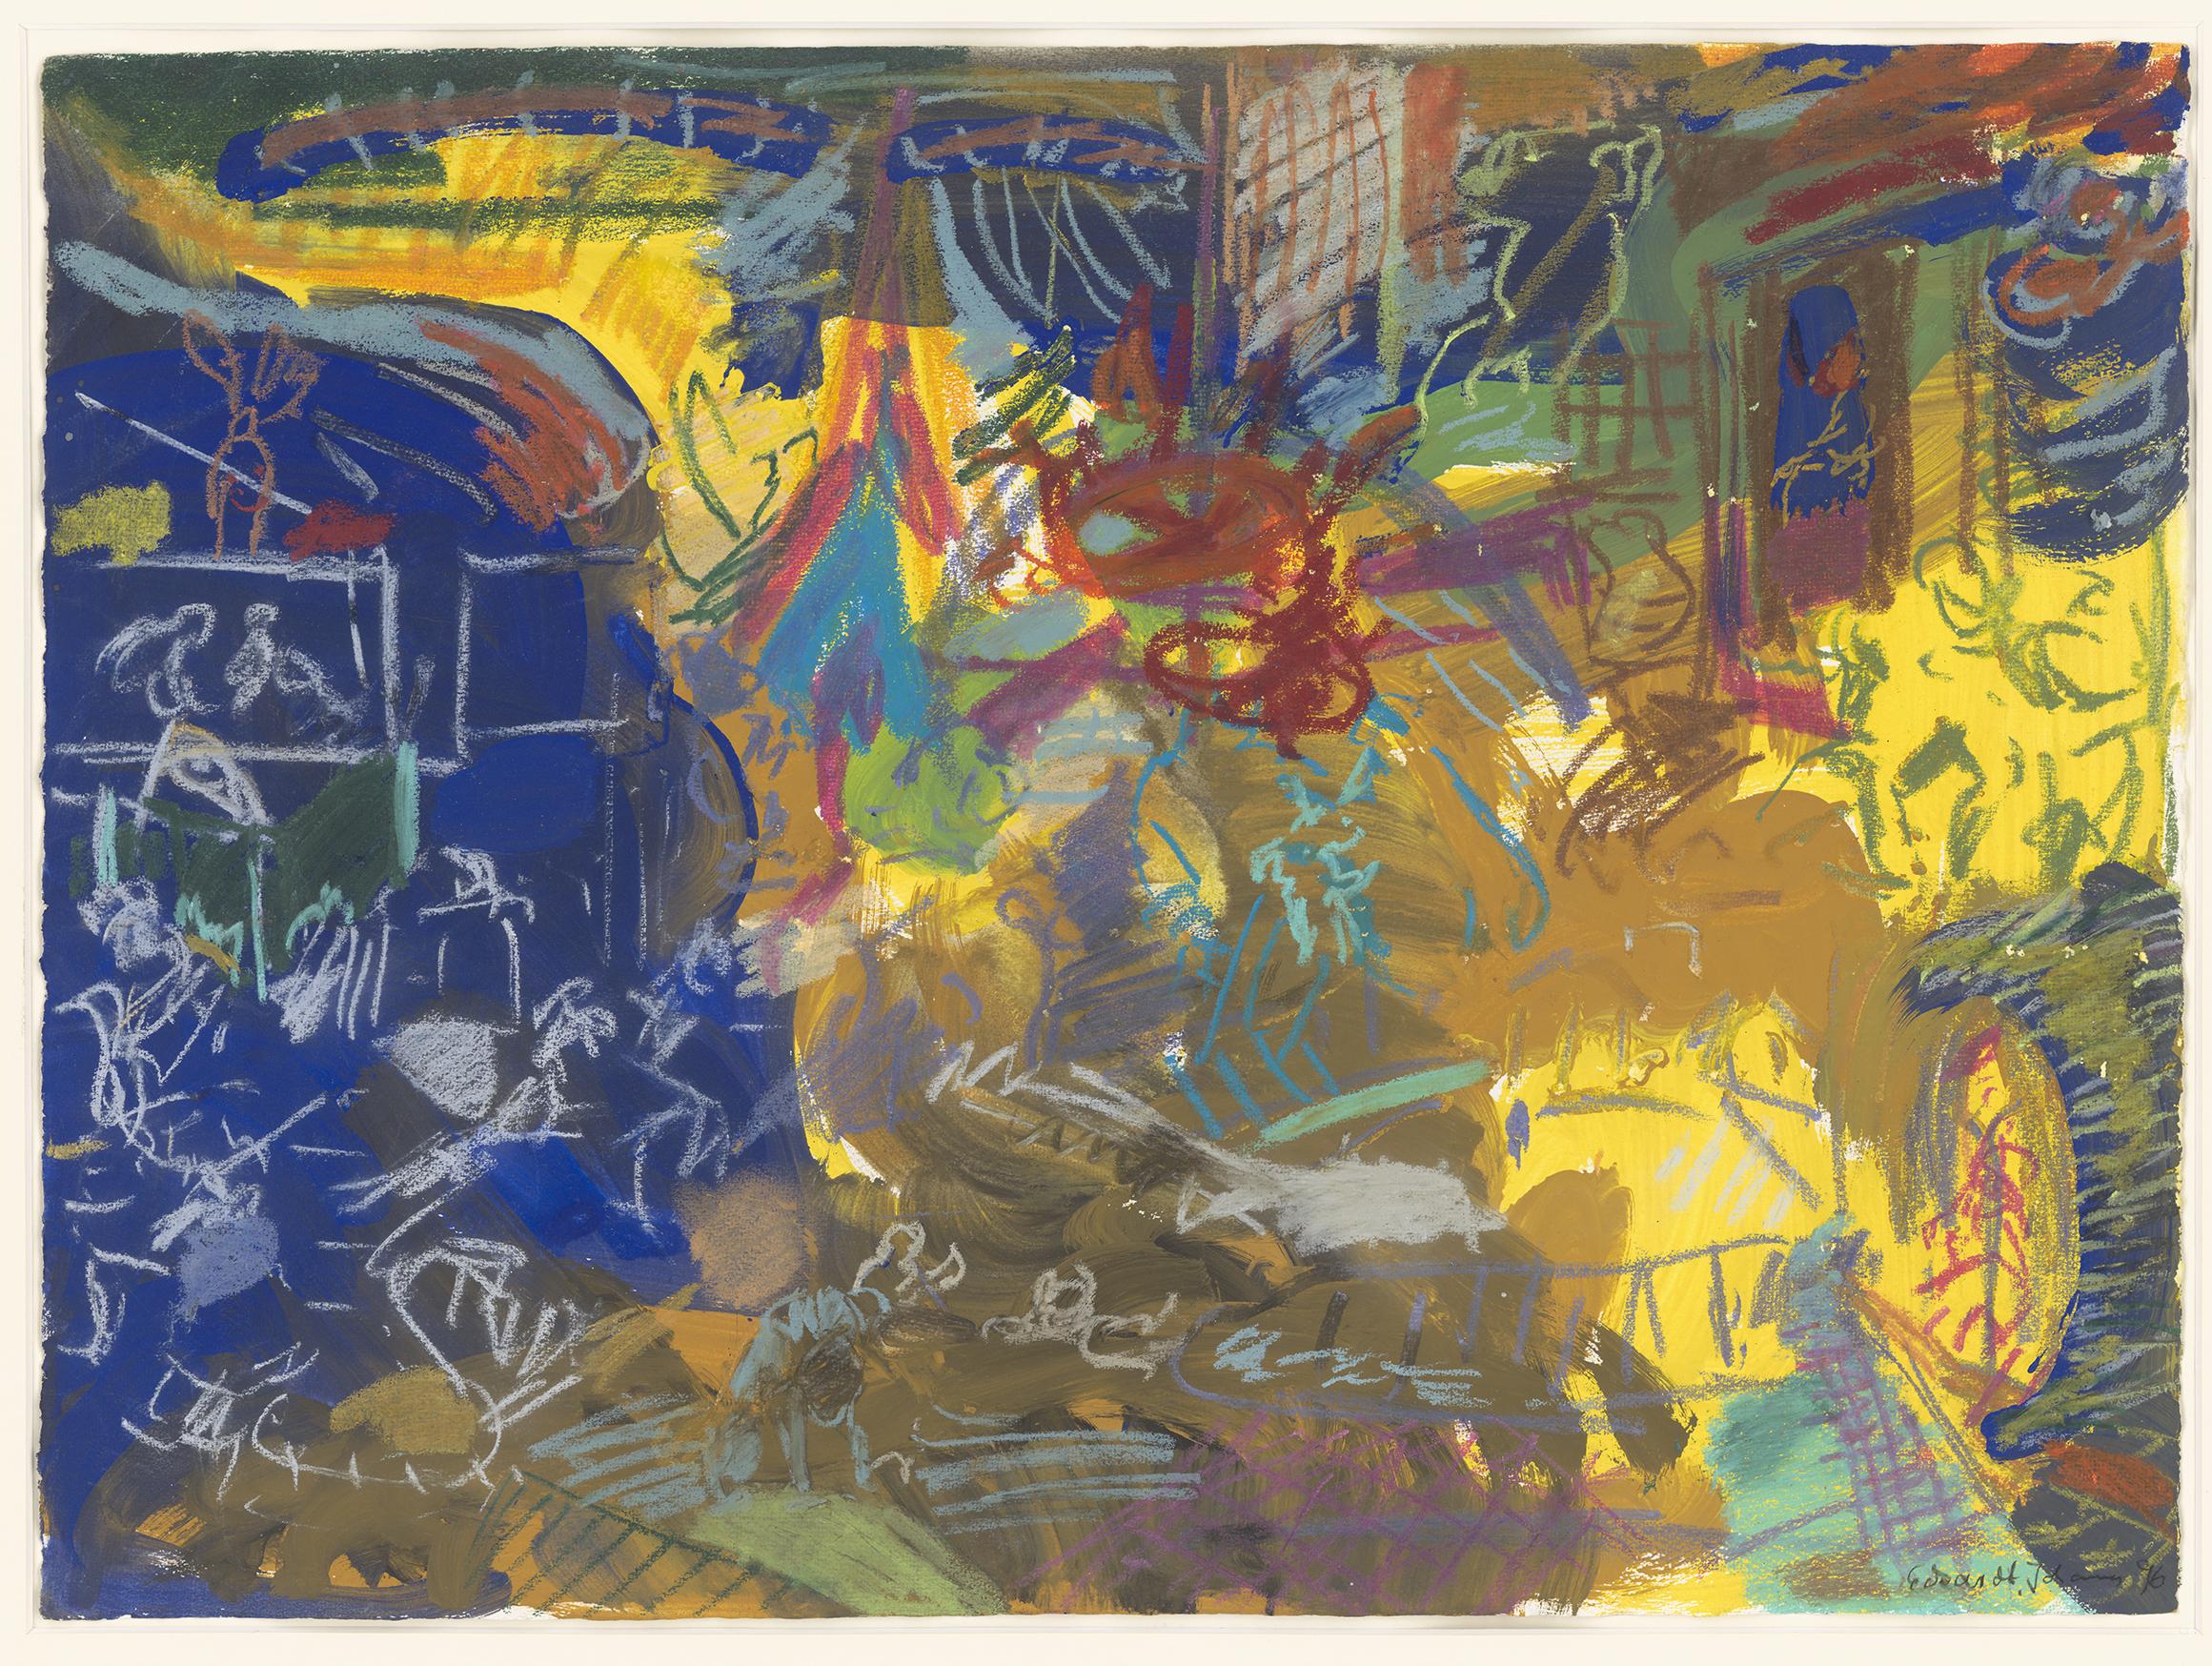 Johannes Eckardt. Ohne Titel. 1996.